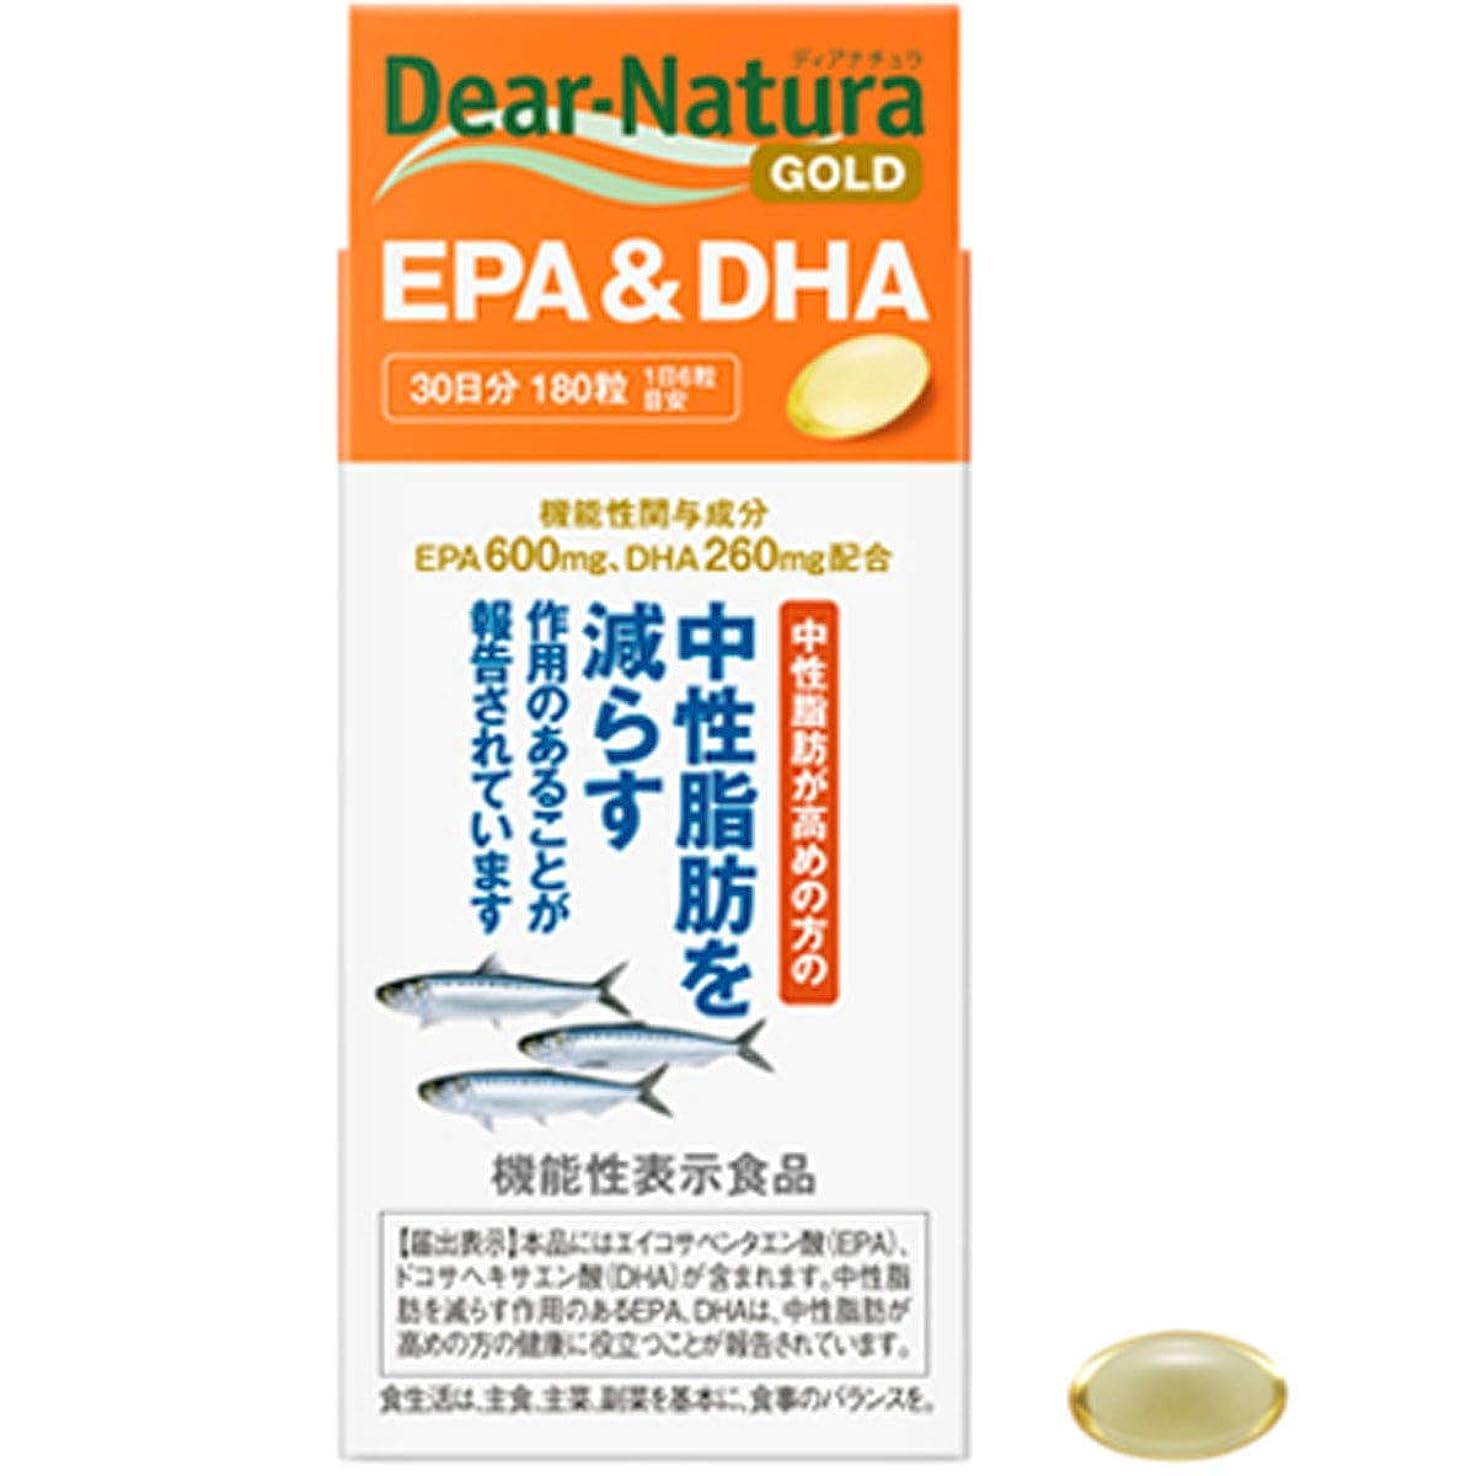 トロリー交流する簡単なディアナチュラゴールド EPA&DHA 30日分 180粒入×5個セット